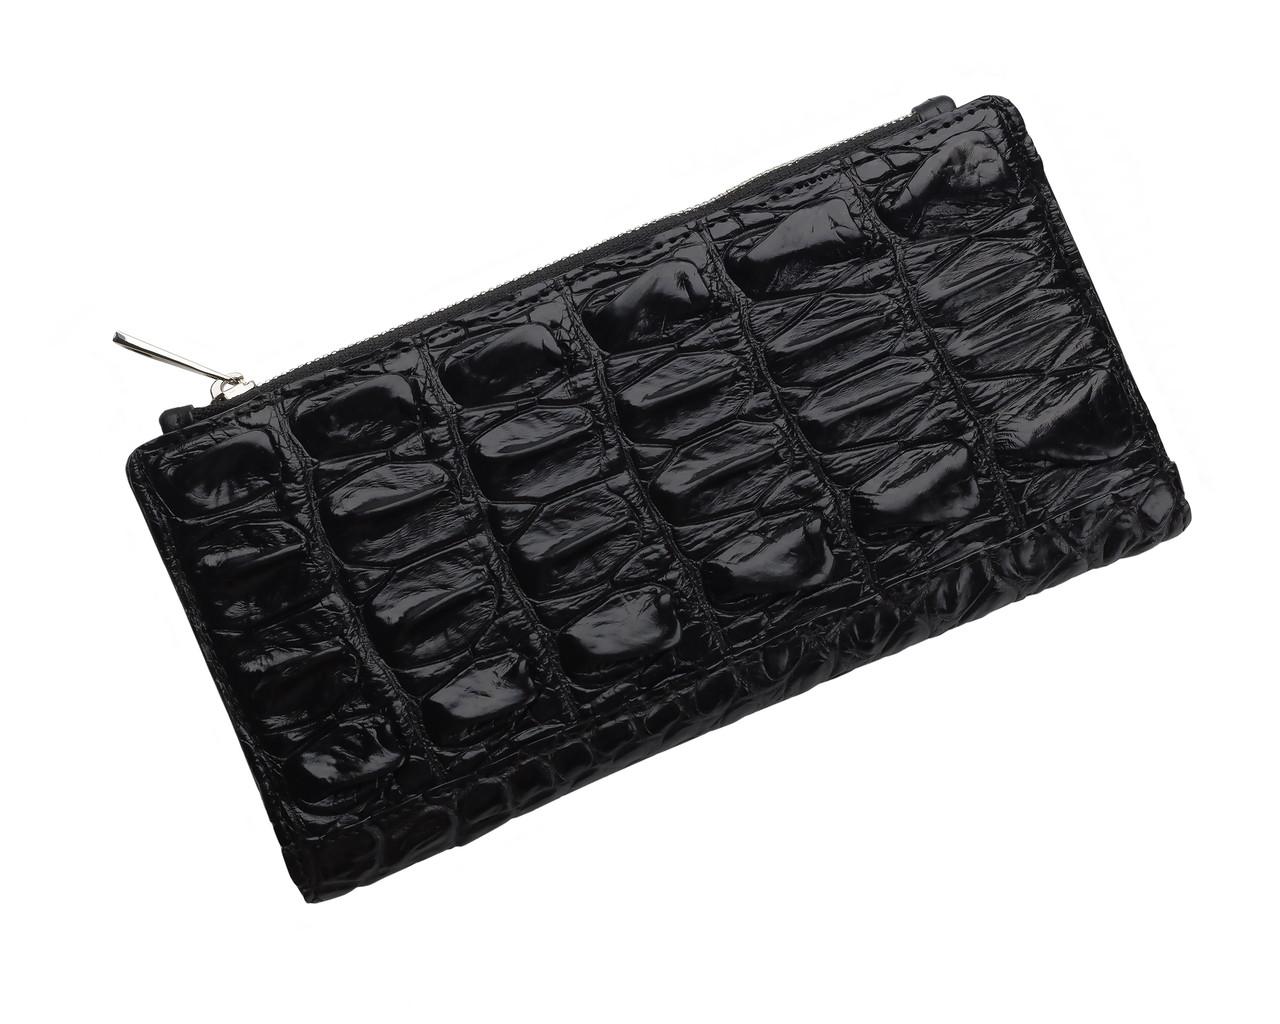 Кошелек из кожи крокодила на молнии Ekzotic Leather Черный (cw 80)